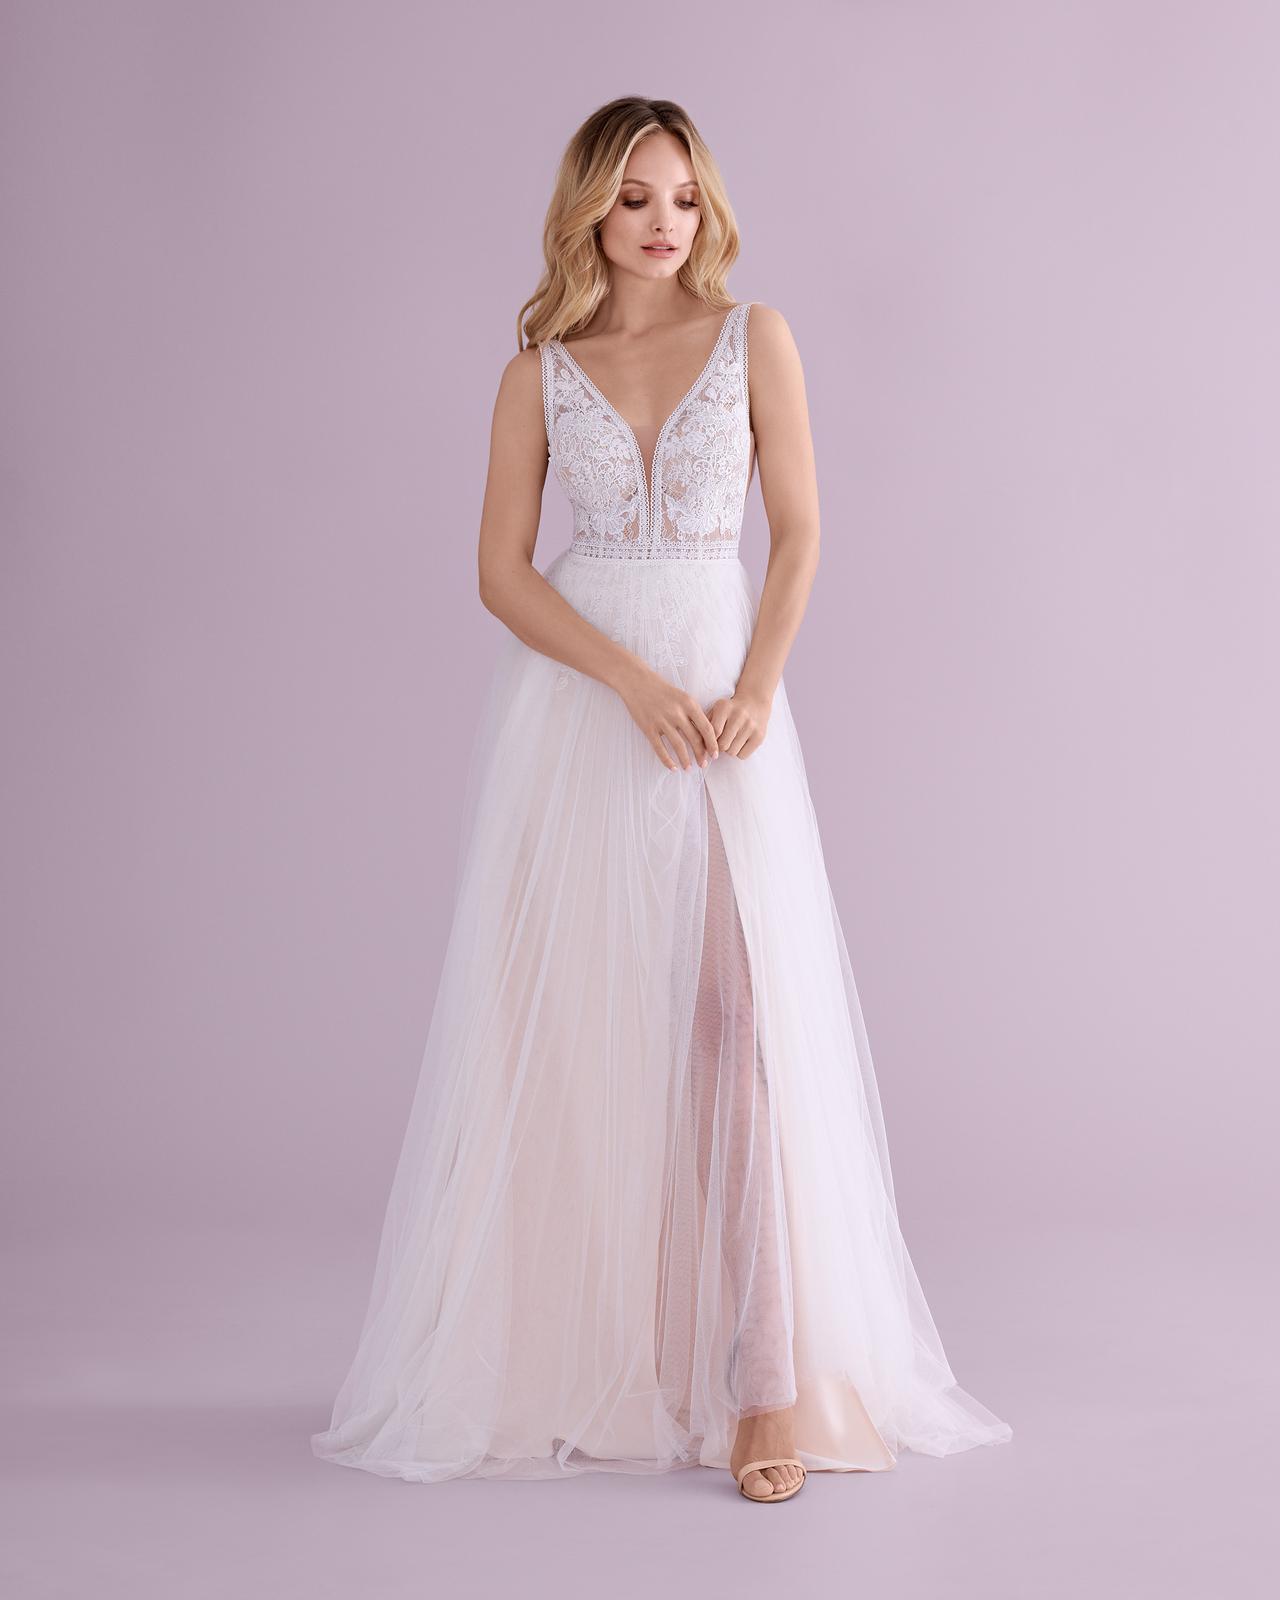 svatbyzbraslav - E-4553 jemné svatební šaty v bohostylu